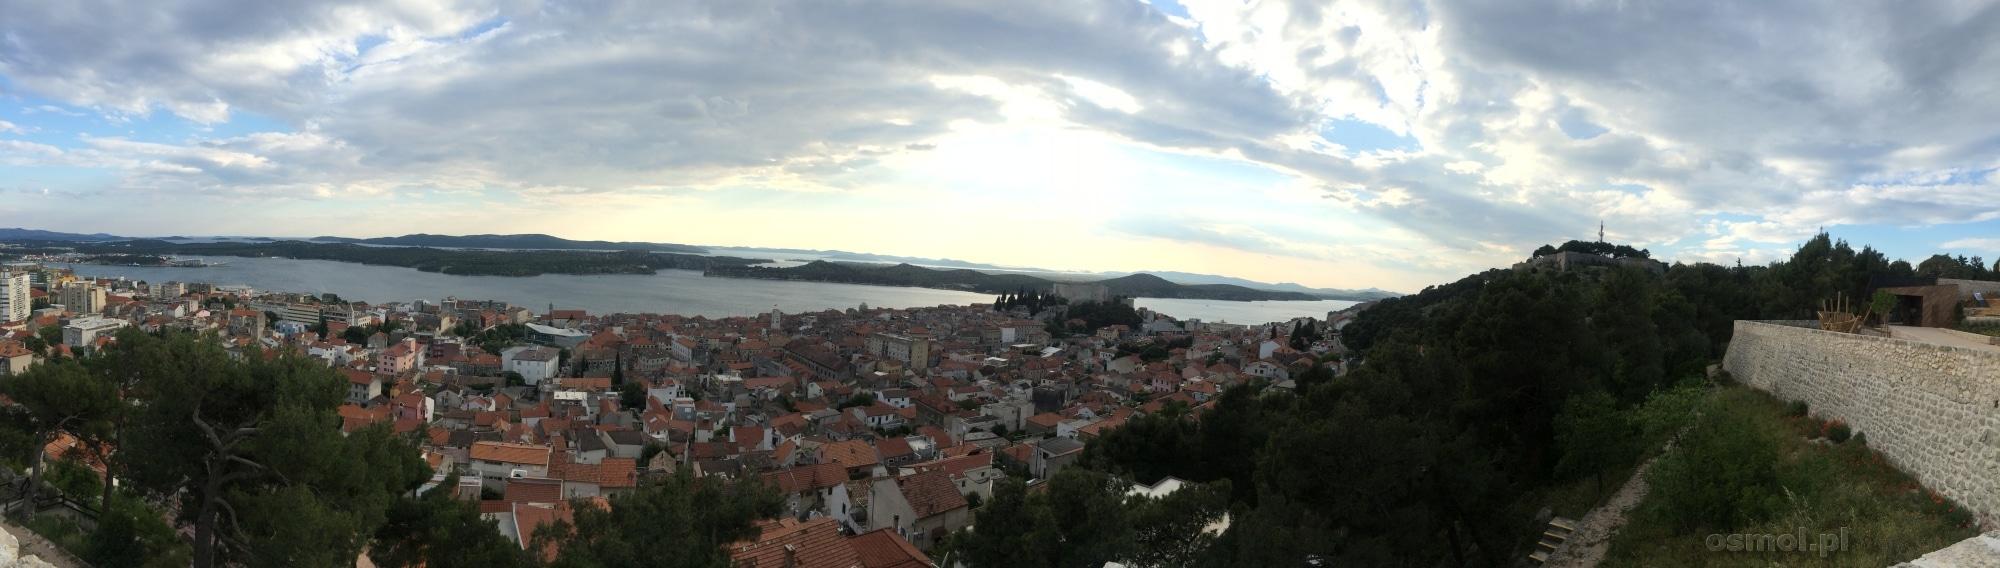 Panorama Szybenika widziana z twierdzy nad miastem